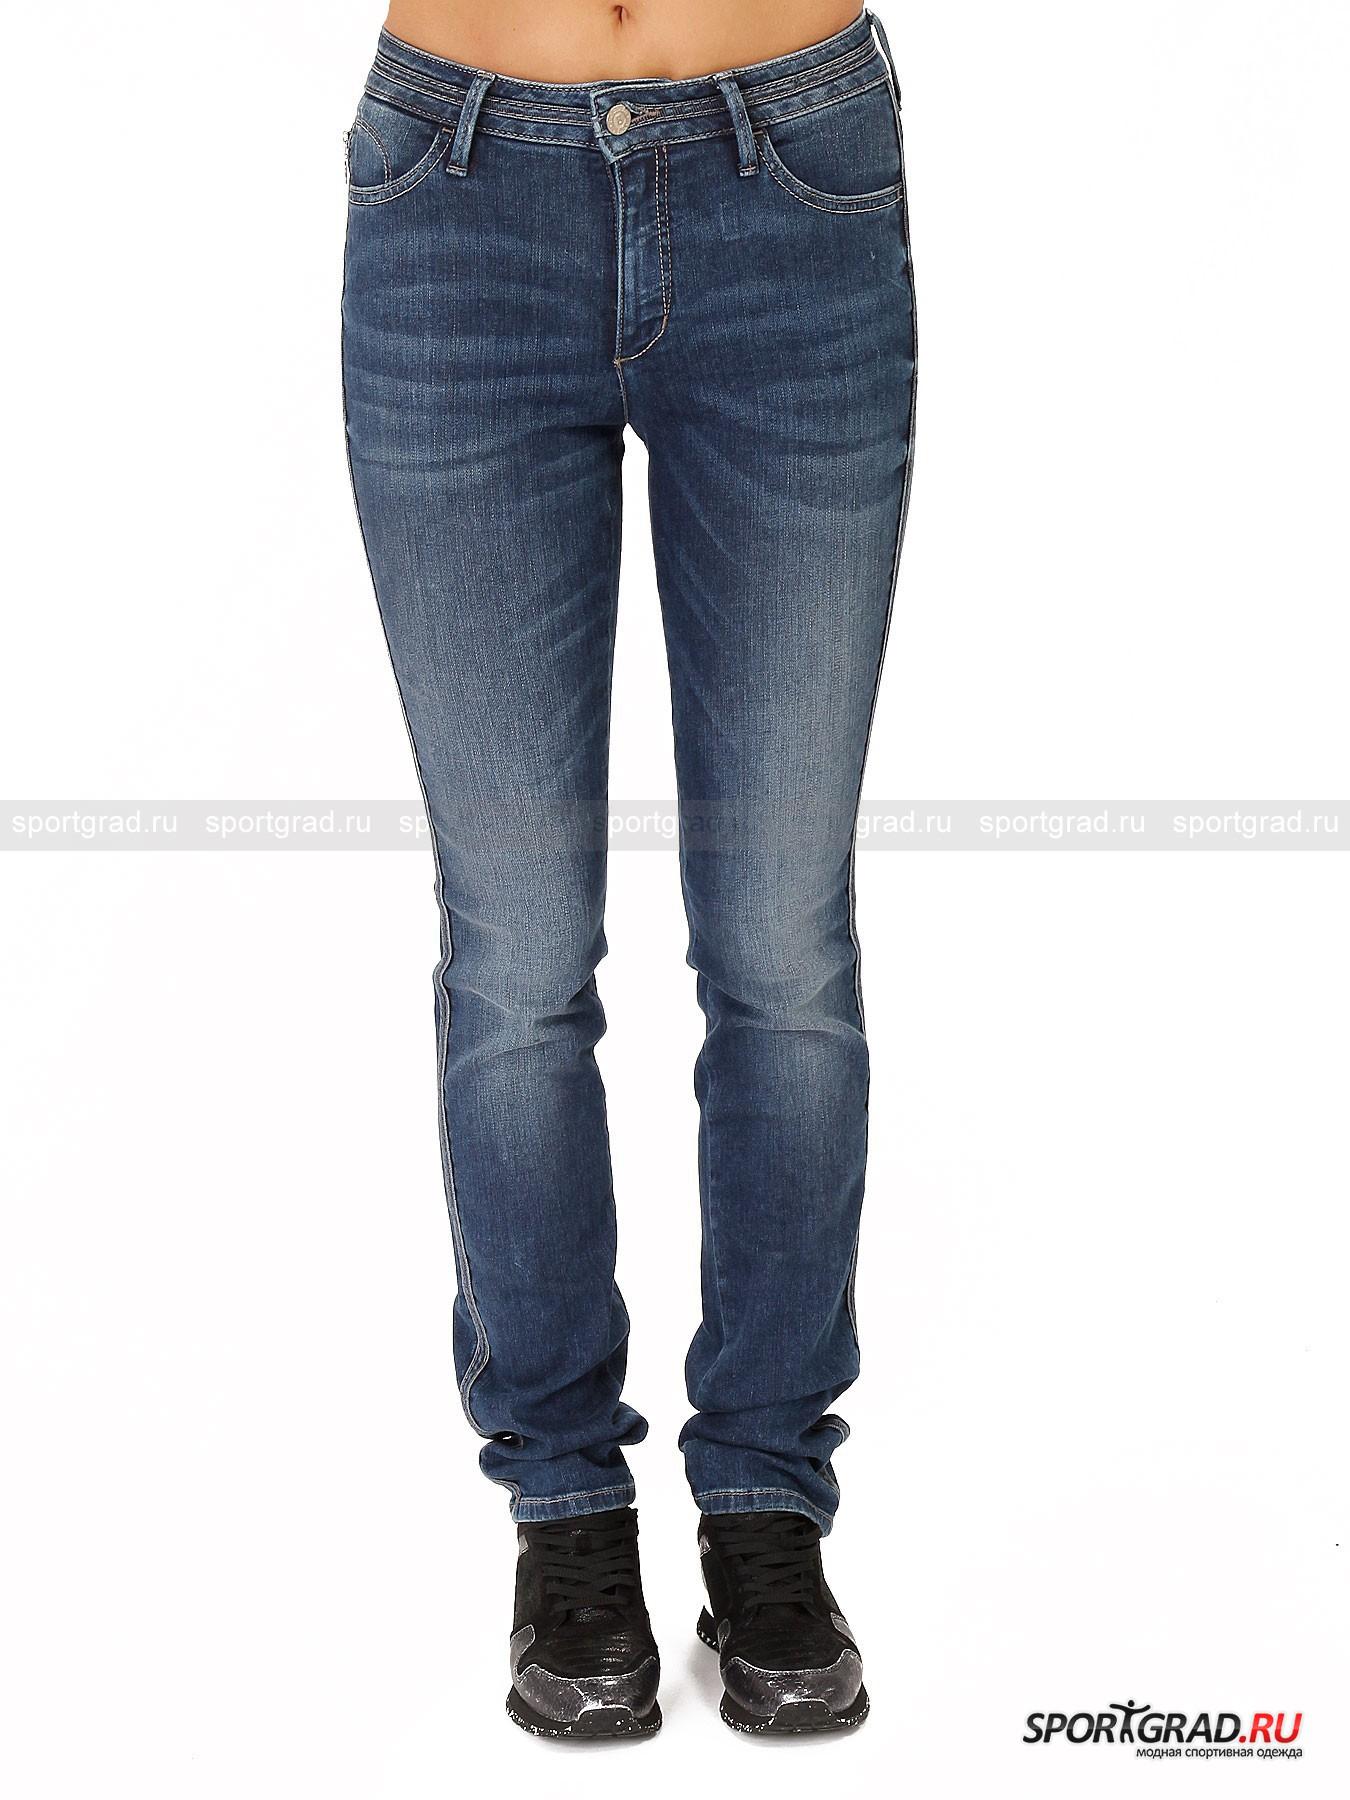 Джинсы женские BOGNER JEANS X Candiani Supershape N-DenimБрюки<br>Bogner Jeans всегда открыт к сотрудничеству, если это принесет действительно качественный и полезный потребителю продукт. Таким союзом и стала совместная работа с компанией Candiani.<br><br>Модель Supershape – коллаборация с Candiani, фирмой, которая занимается производством денима N-Denim. Это премиальный материал родом из Италии, предназначенный специально для пошива джинсов. Главной особенностью производства денима на итальянских фабриках стал метод обработки ткани азотом, что обеспечивает уникальное осветление первоначального цвета индиго. <br><br>•Зауженный крой<br>•Застегиваются на металлическую пуговицу и молнию<br>•5 карманов <br>•Скрытый пятый карман на молнии<br>•Эластичный материал изготовления<br>•Фирменный логотип компании на кожаной вставке сзади в районе талии и на правом заднем кармане<br><br>Пол: Женский<br>Возраст: Взрослый<br>Тип: Брюки<br>Рекомендации по уходу: Деликатная стирка при 40С, не отбеливать, не сушить в барабане стиральной машины, гладить при температуре 110С, химчистка разрешена.<br>Состав: 92% хлопок/6% эластомултиестер/2%эластан.